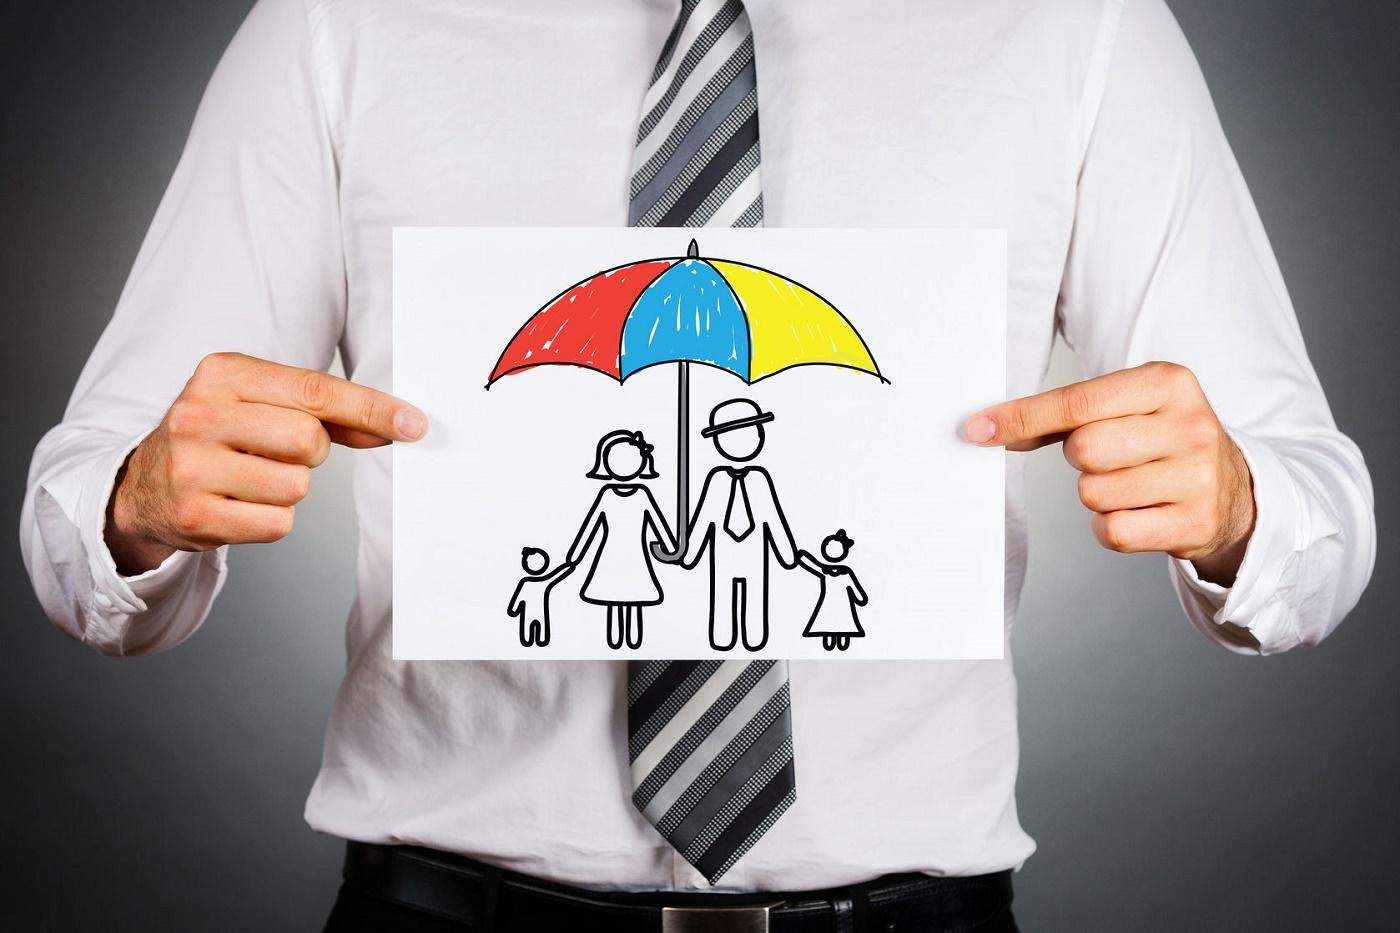 Consultoria de investimento, seguro e previdência vale a pena?